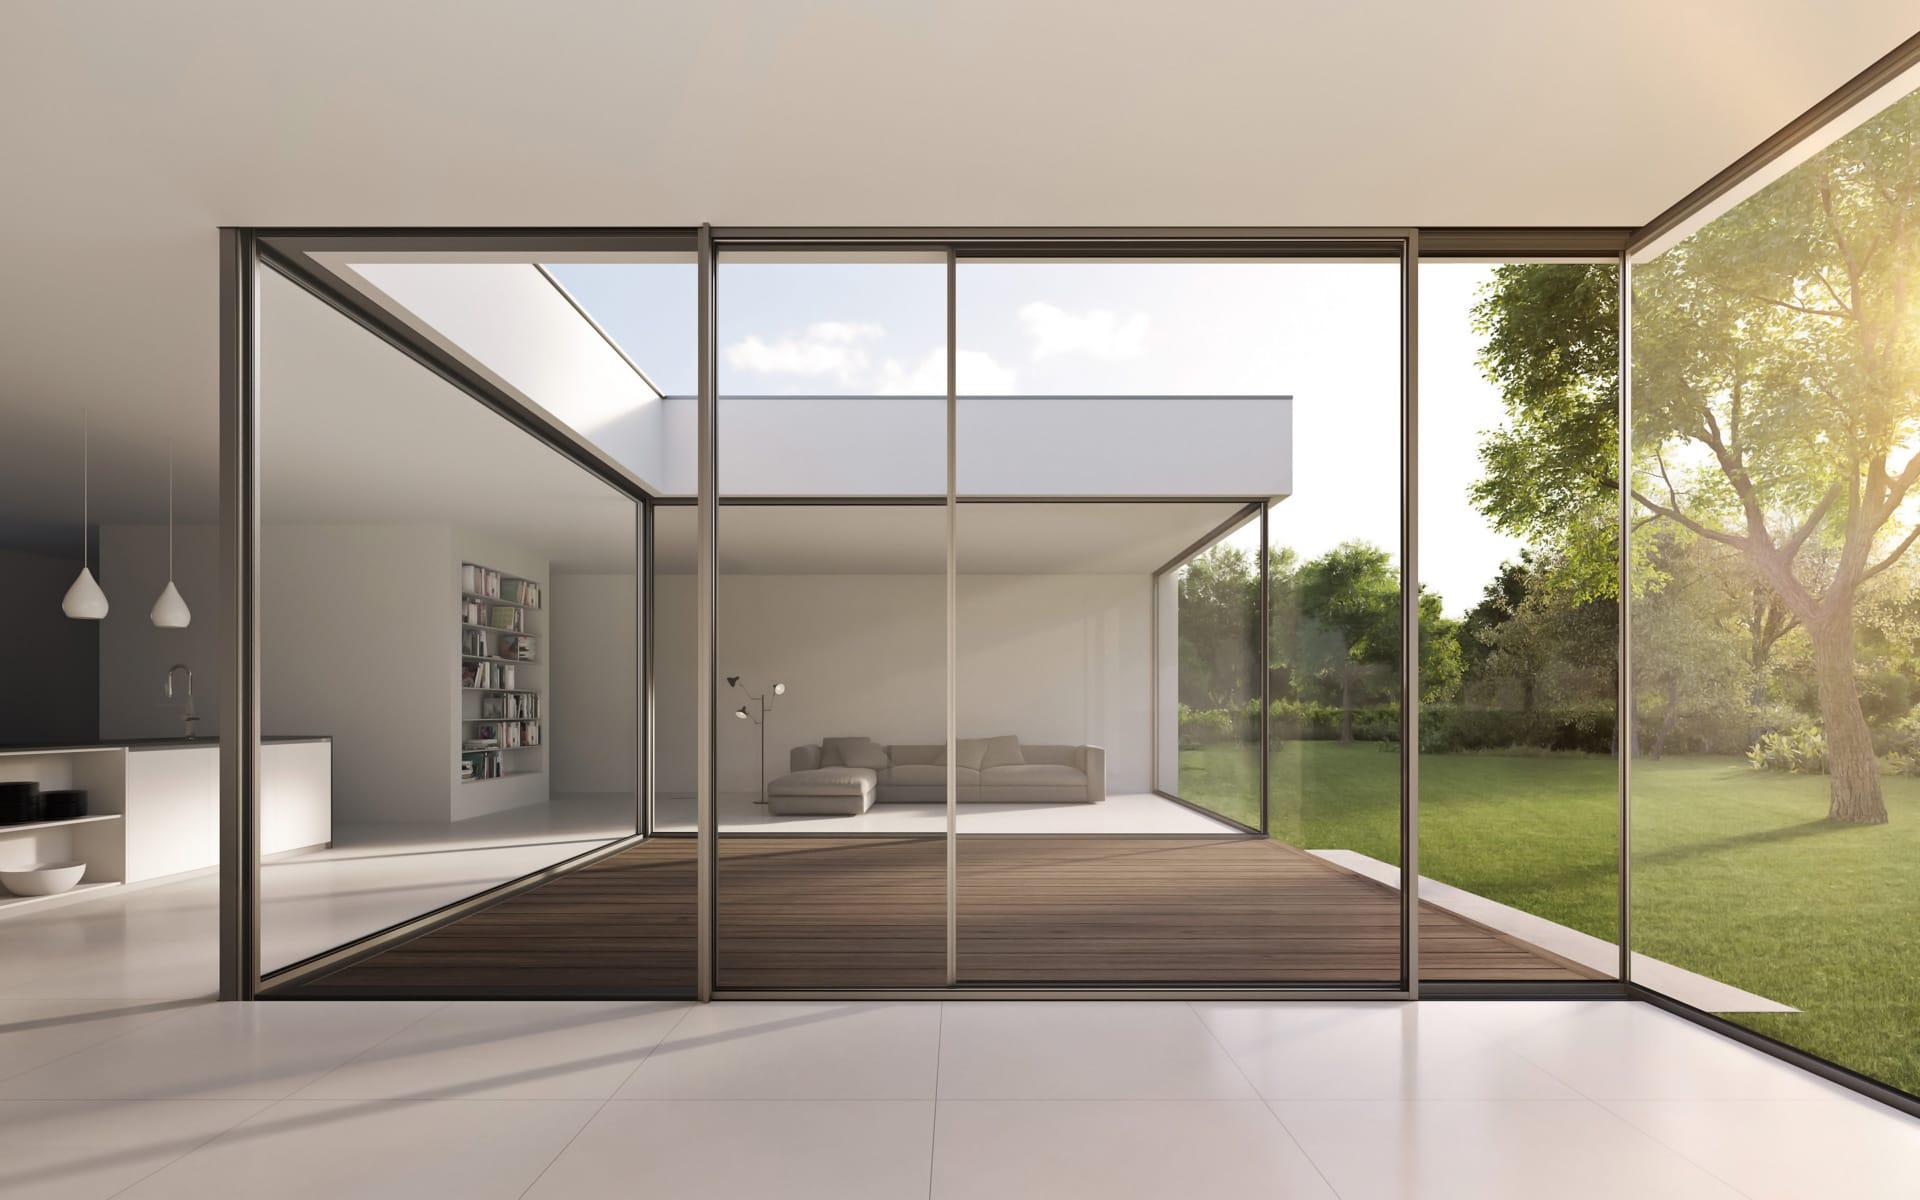 Ganzglas-Schiebesysteme für mehr Licht im Raum